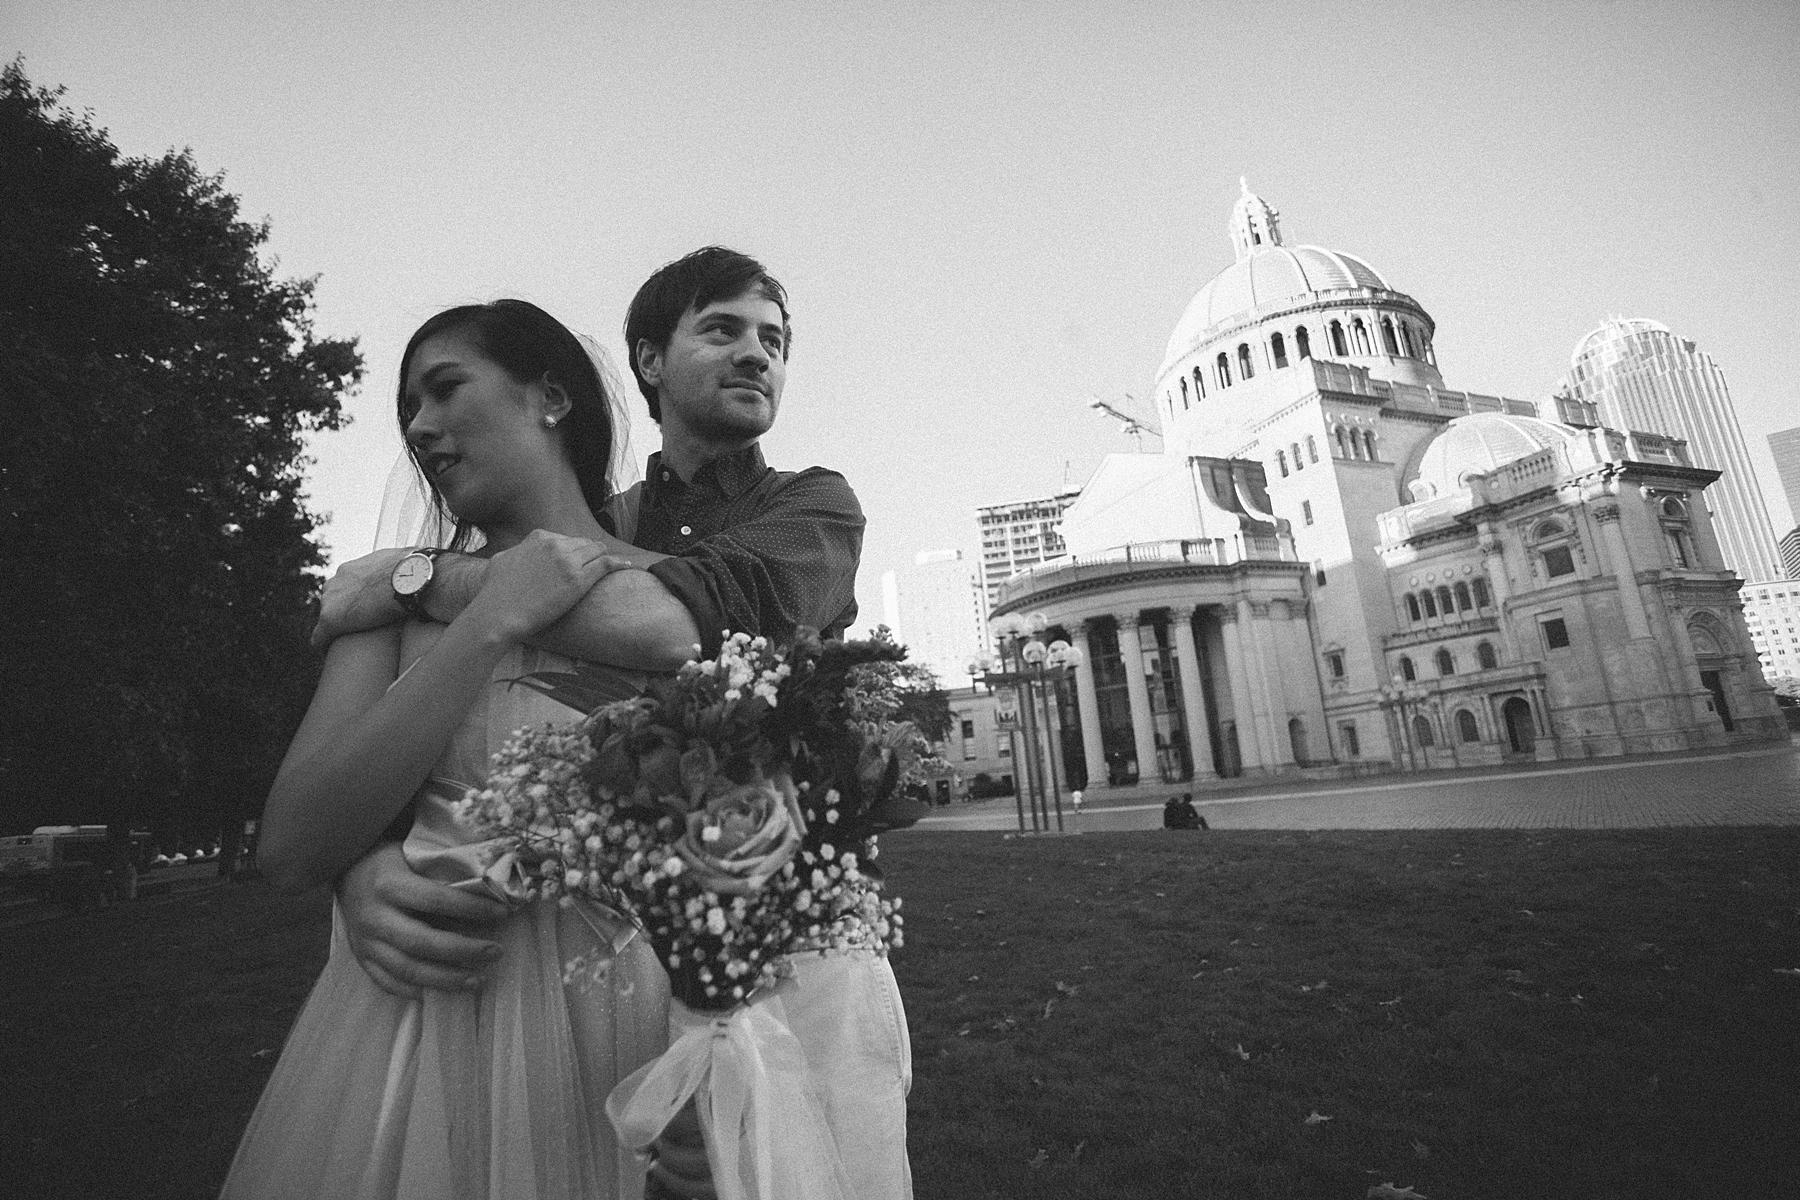 自助婚紗,婚紗攝影,自主婚紗,美國,波士頓,底片風格,海外婚紗,自然